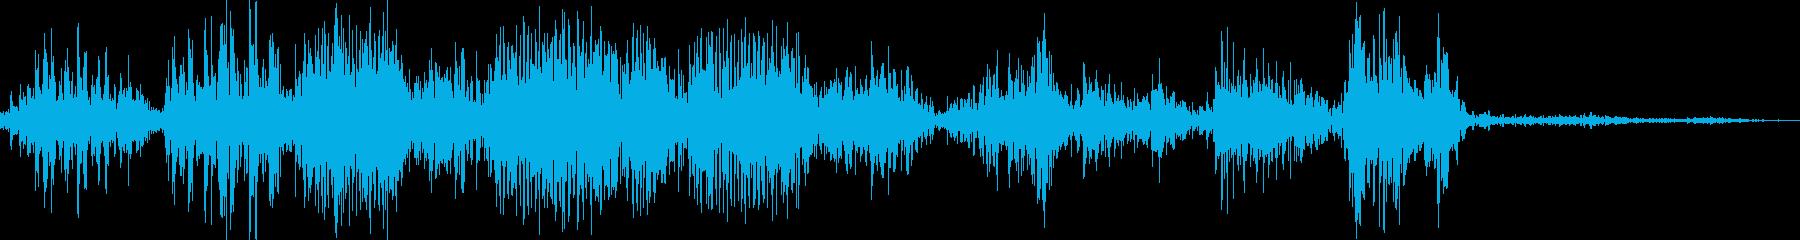 ライオンの大ゲンカ(群れ同士)の再生済みの波形